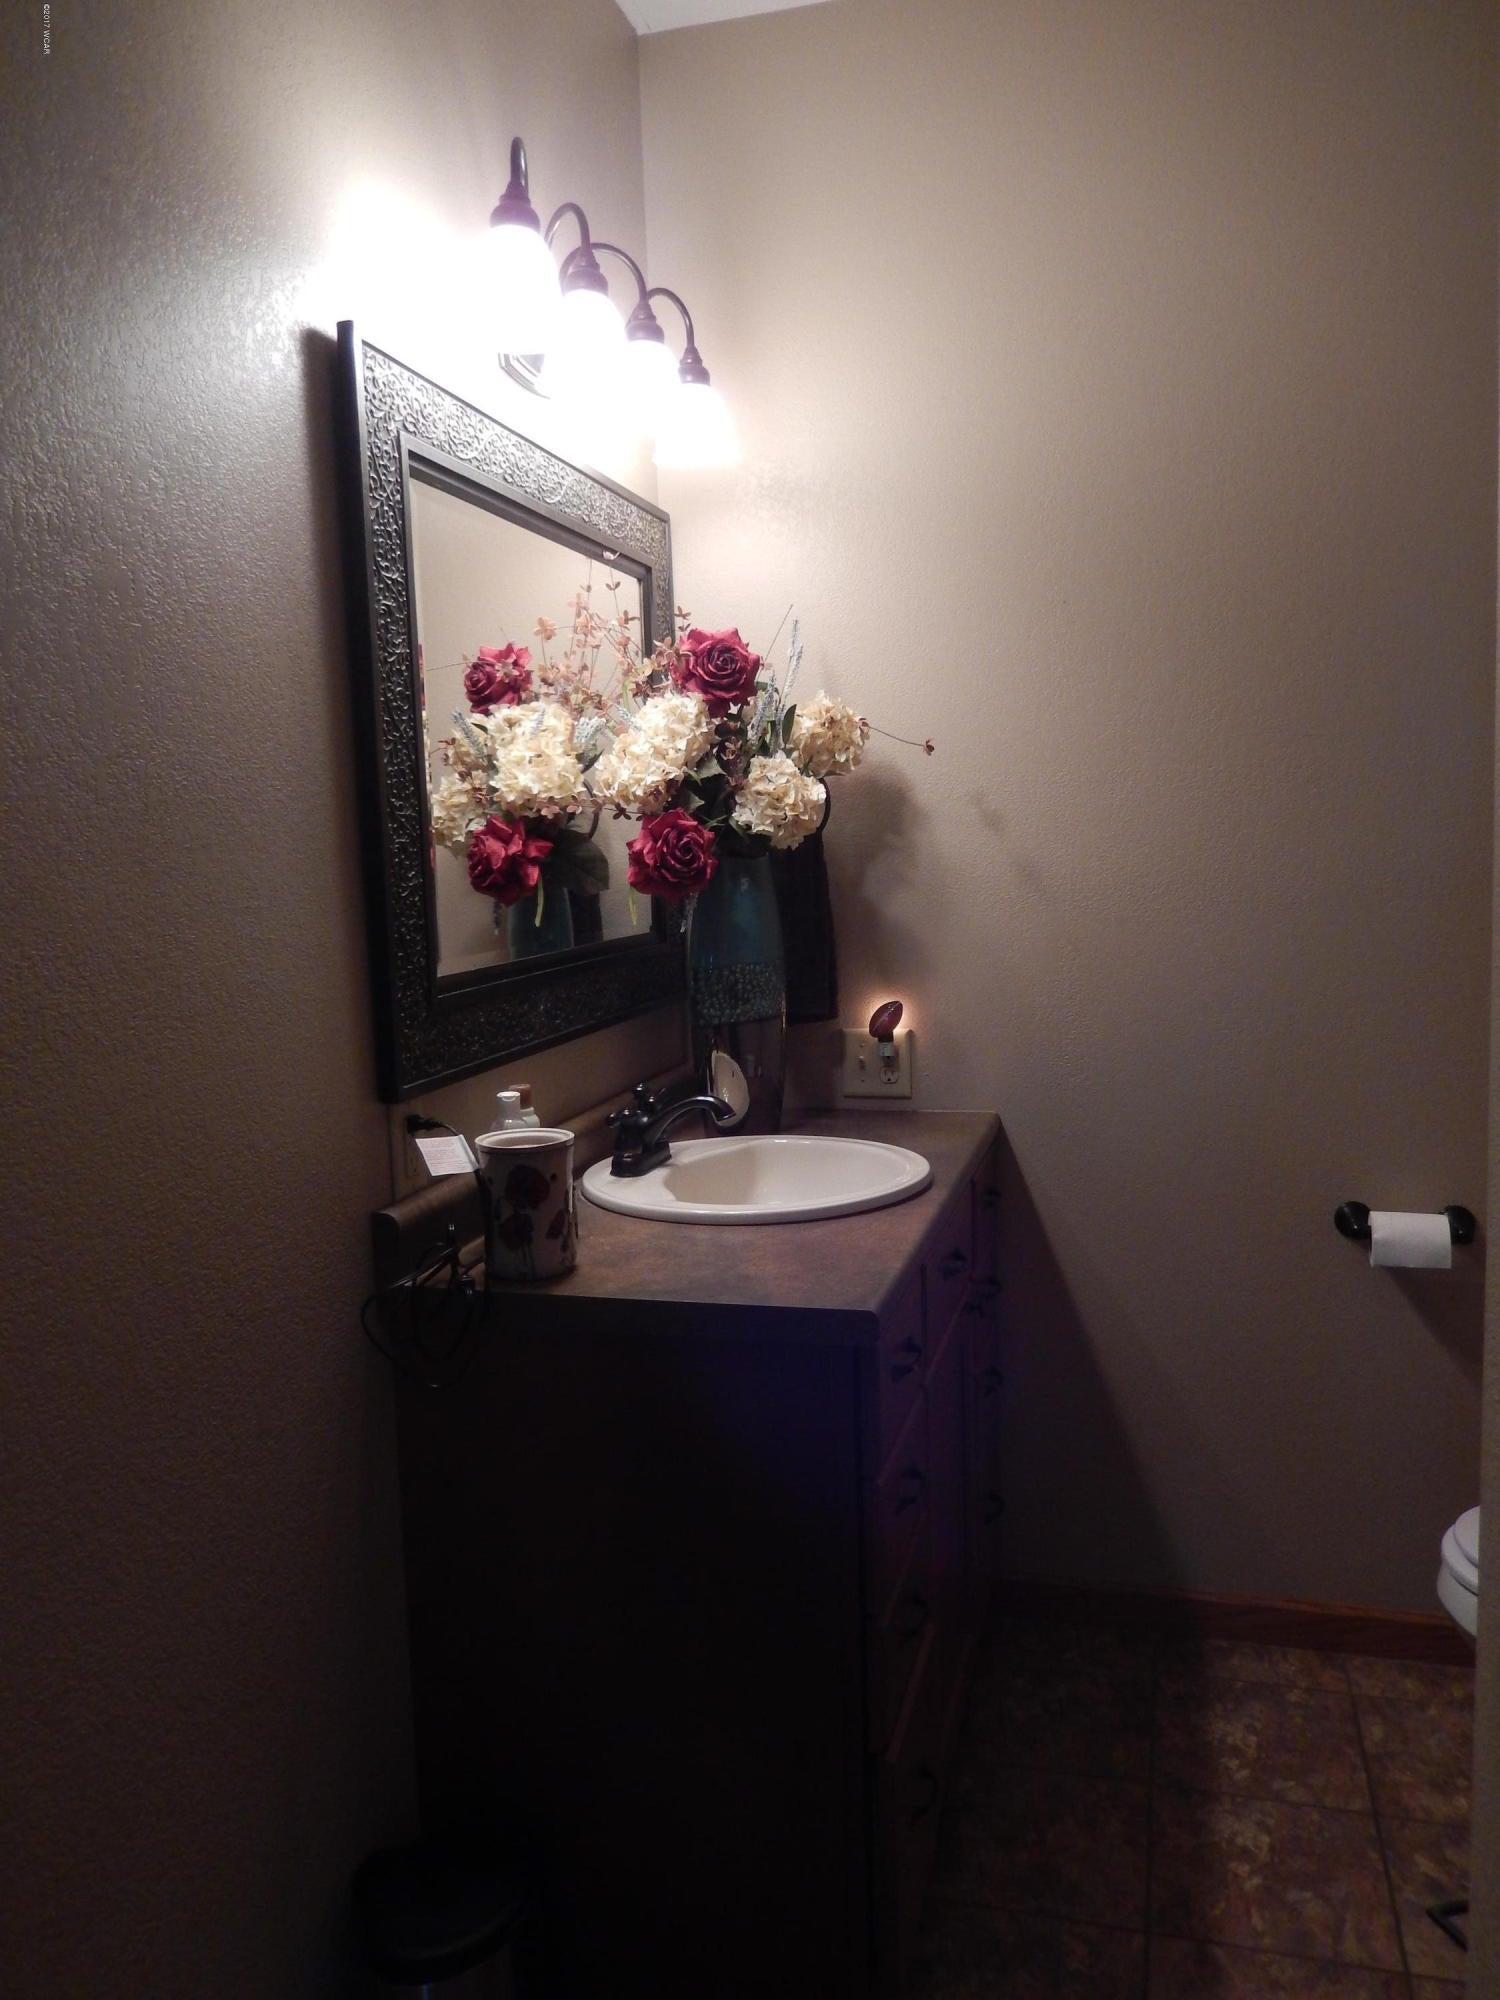 189 120th Avenue,Watson,3 Bedrooms Bedrooms,2 BathroomsBathrooms,Single Family,120th Avenue,6027243